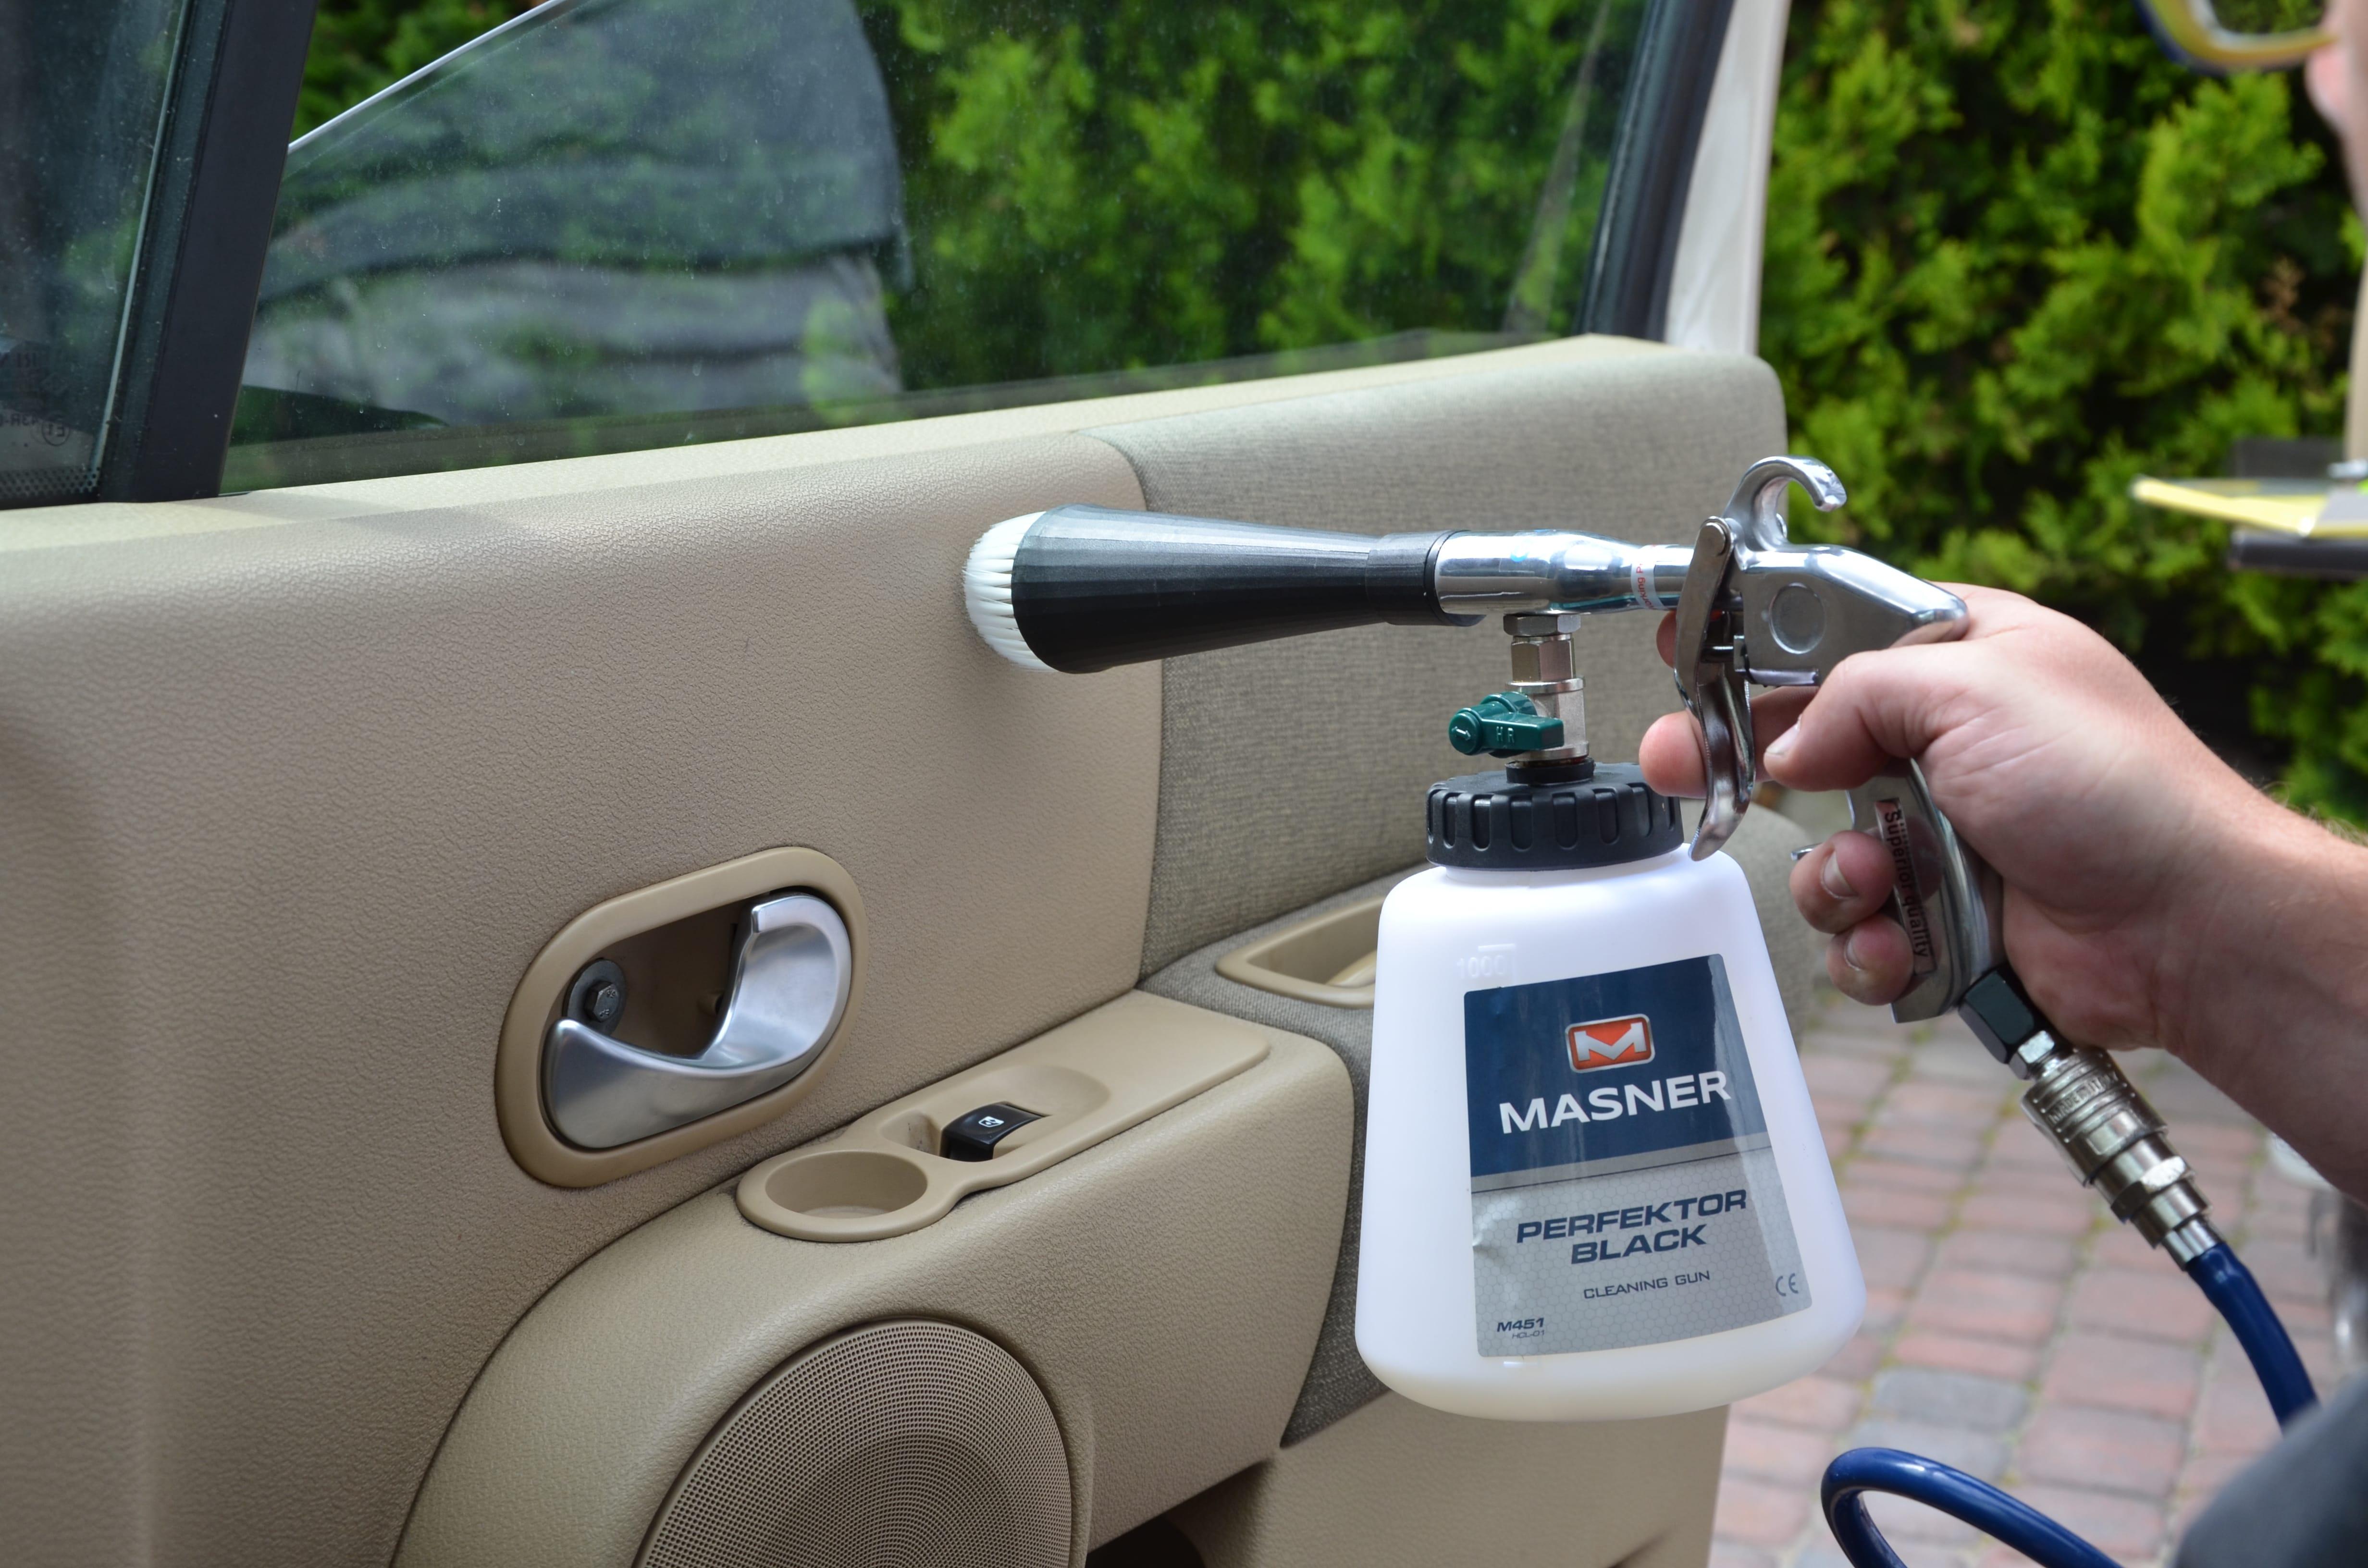 Czyszczenie drzwi samochodu przy pomocy pistoletu Perfektor Black